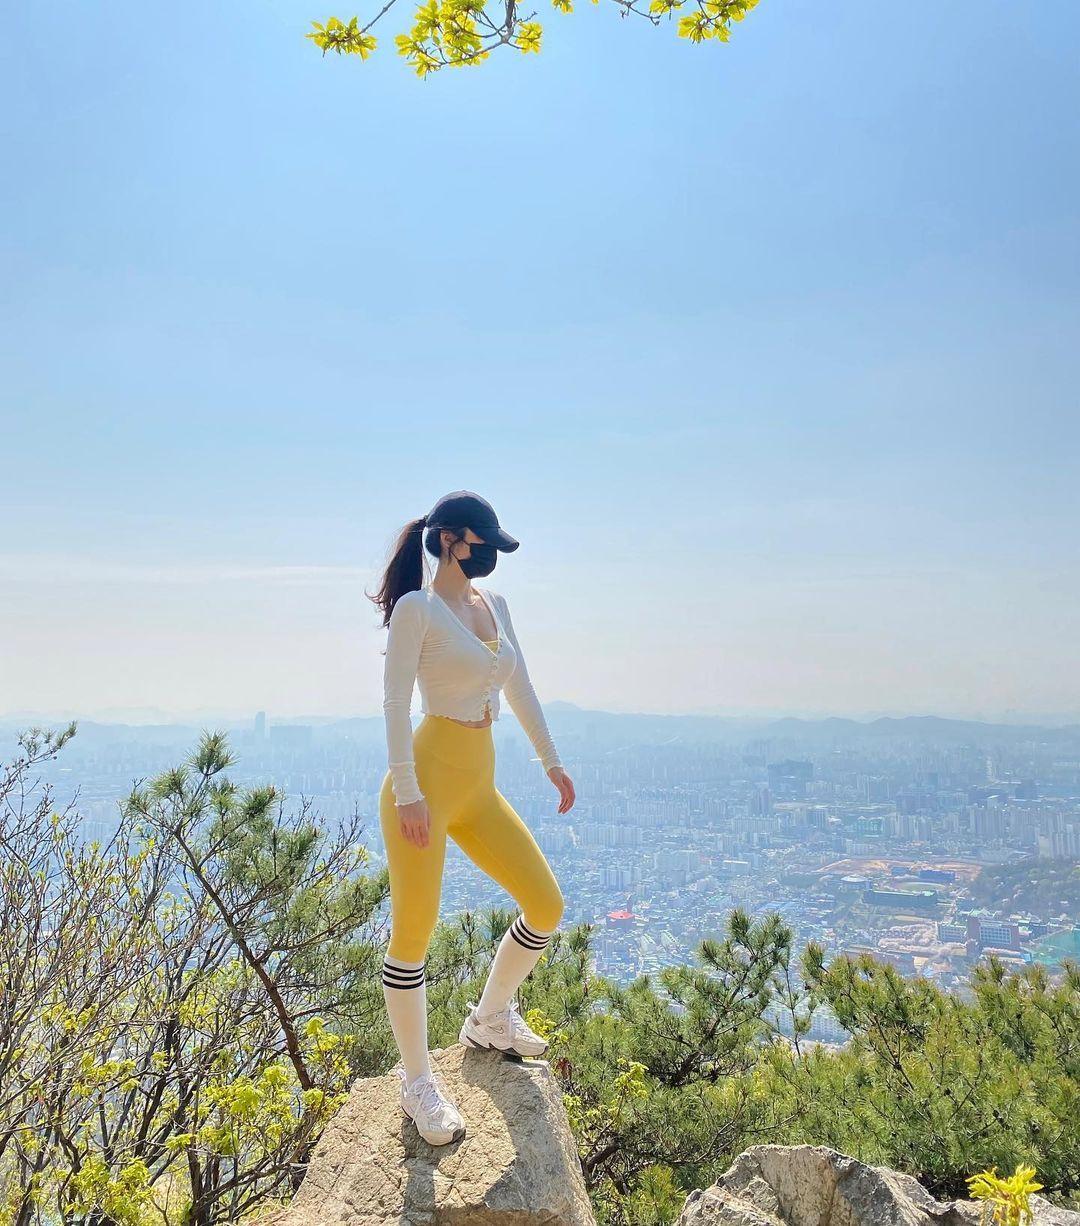 太冻龄韩国36 岁网红大眼嫩肌让人心动 养眼图片 第4张